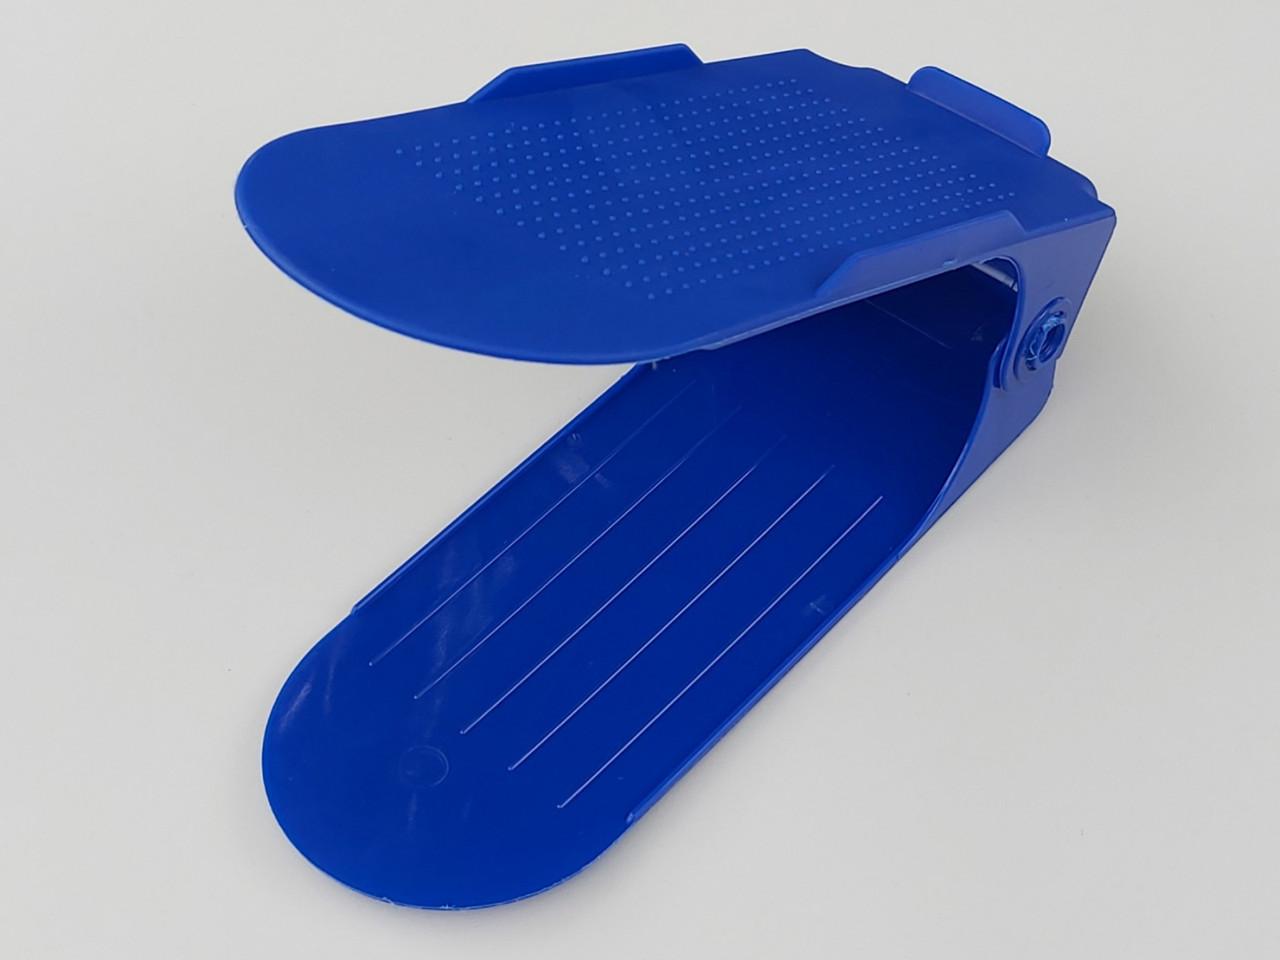 Двойная подставка-органайзер для обуви синего цвета. 3 положения регулировки высоты.